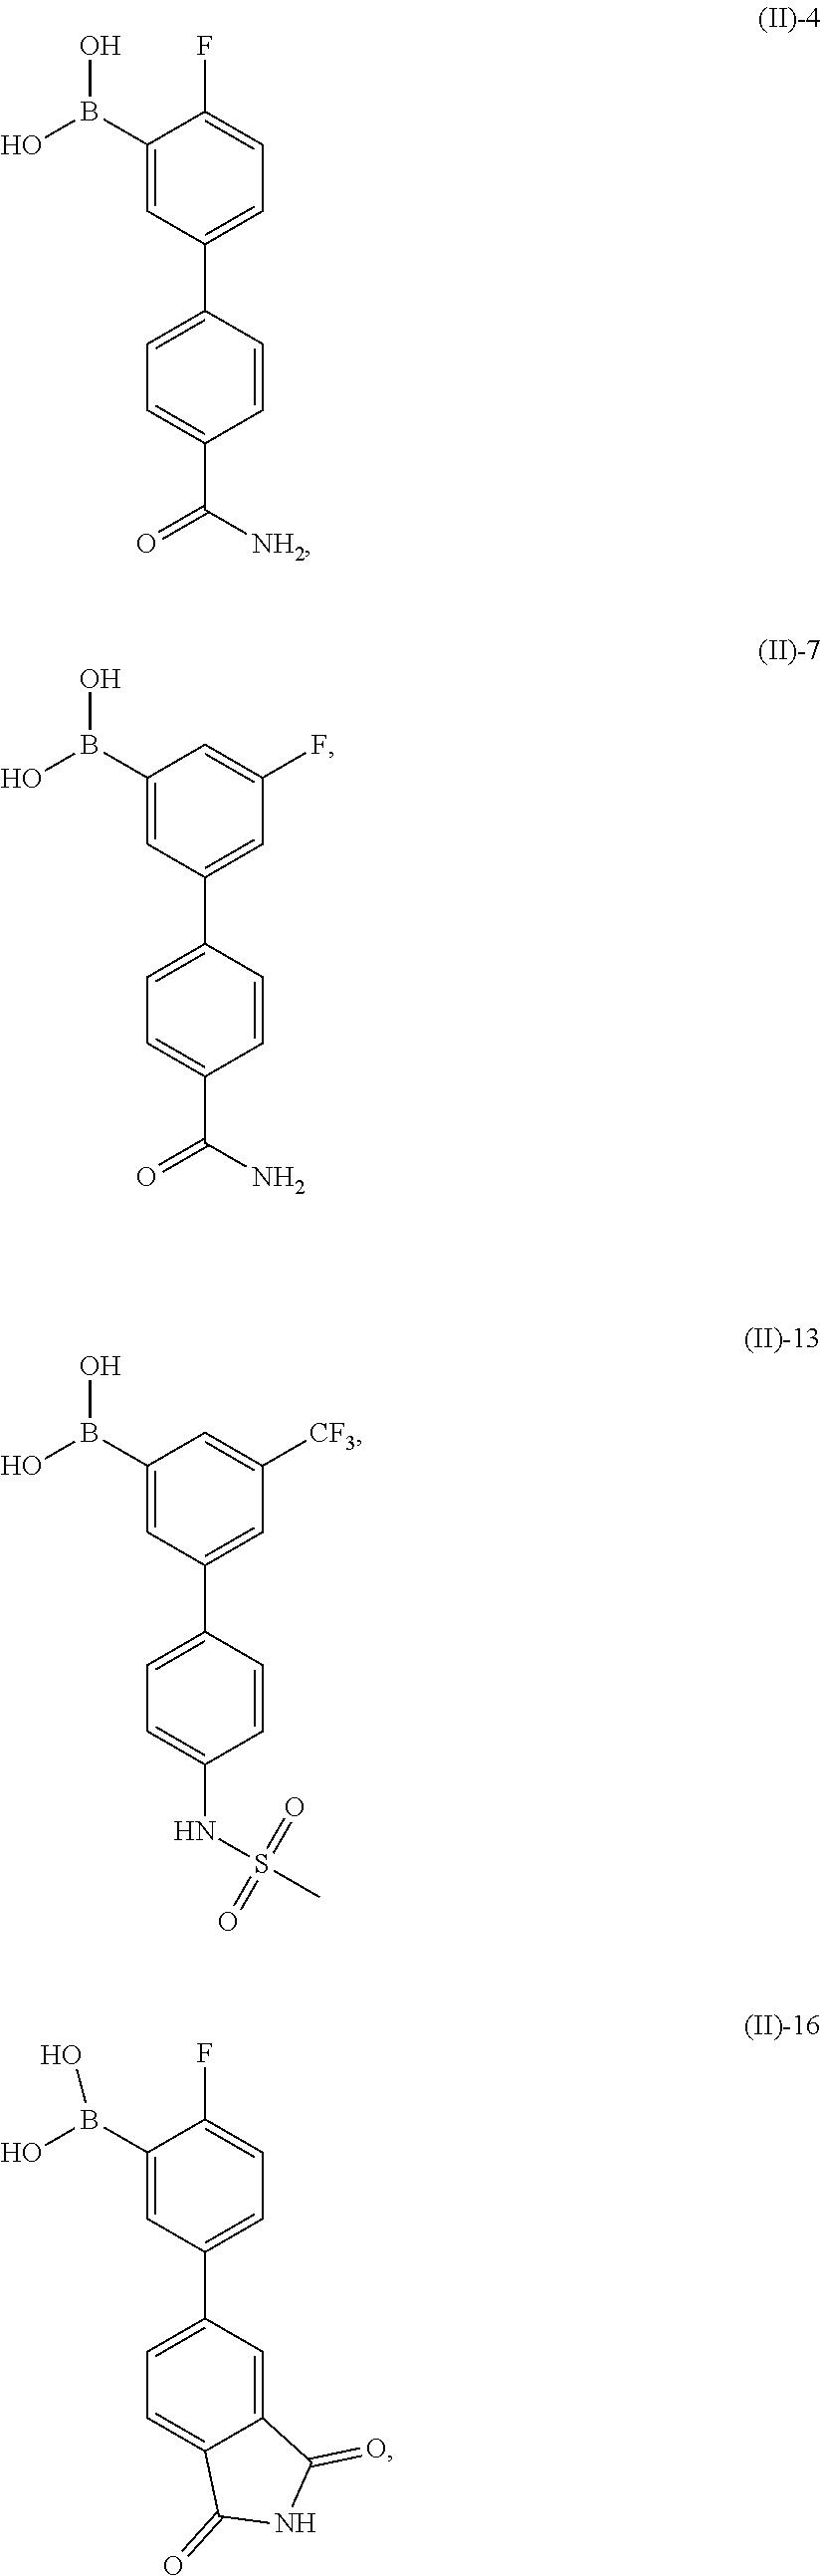 Figure US09630979-20170425-C00056